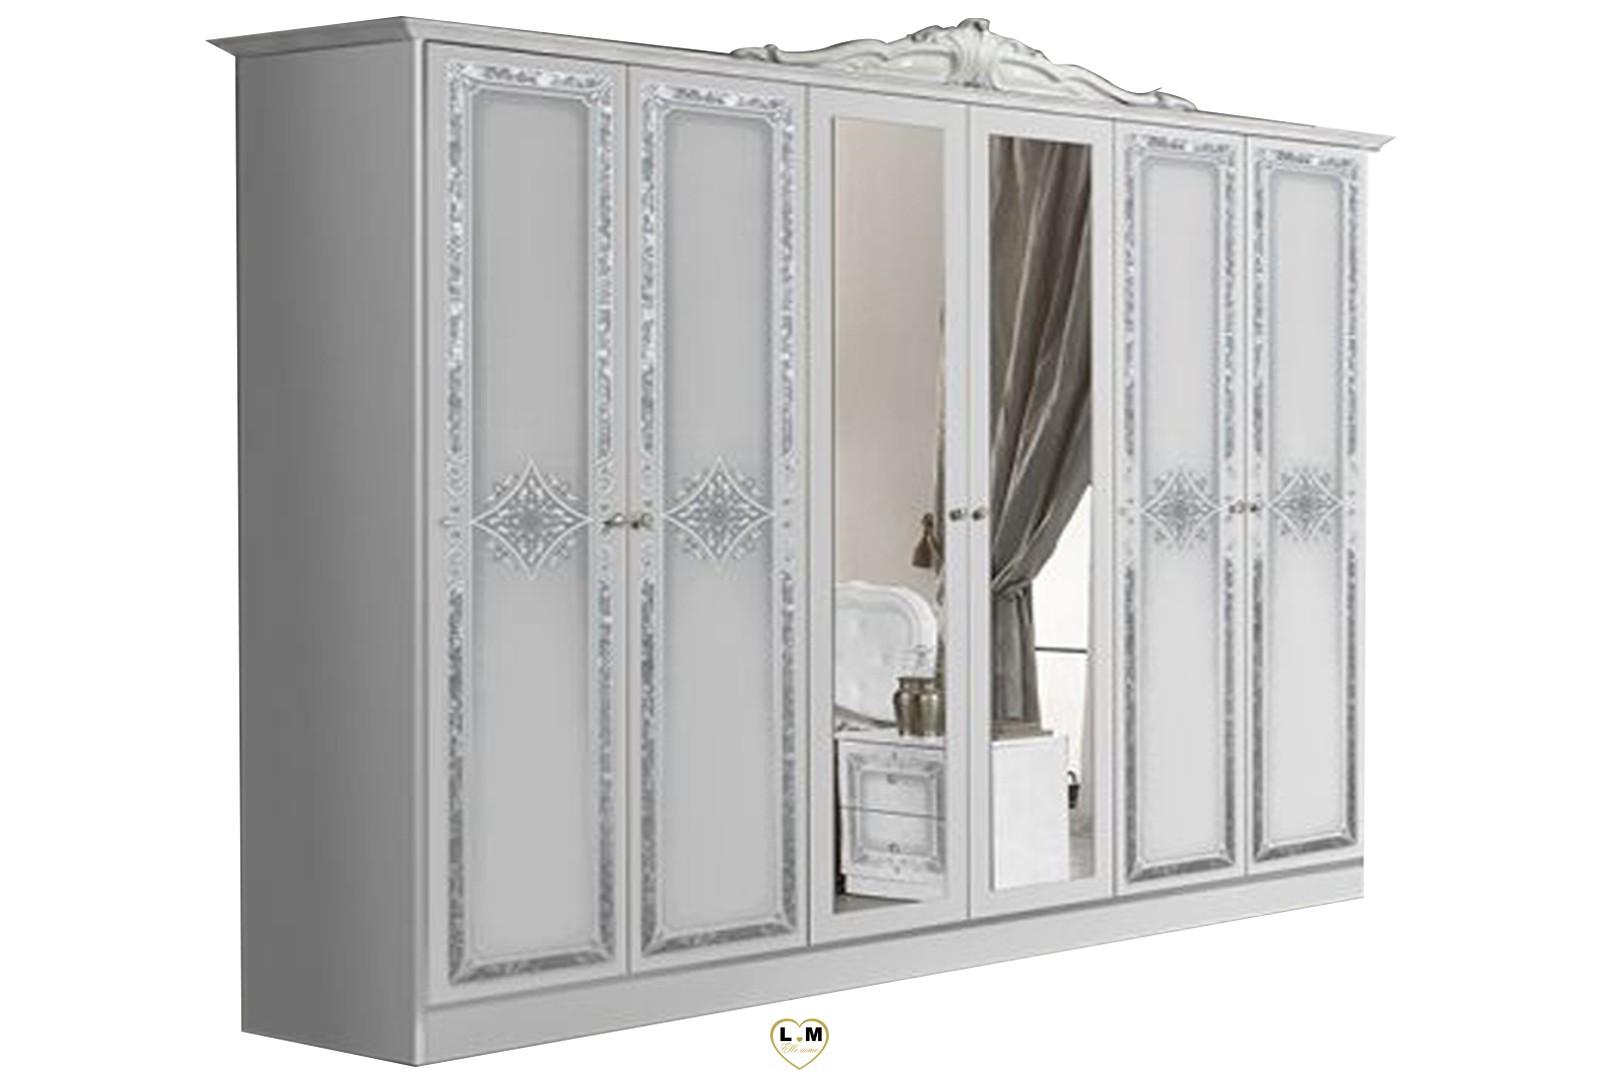 thyda laque blanc et argent chambre a coucher l 39 armoire 6 portes 4 portes pleines et 2. Black Bedroom Furniture Sets. Home Design Ideas